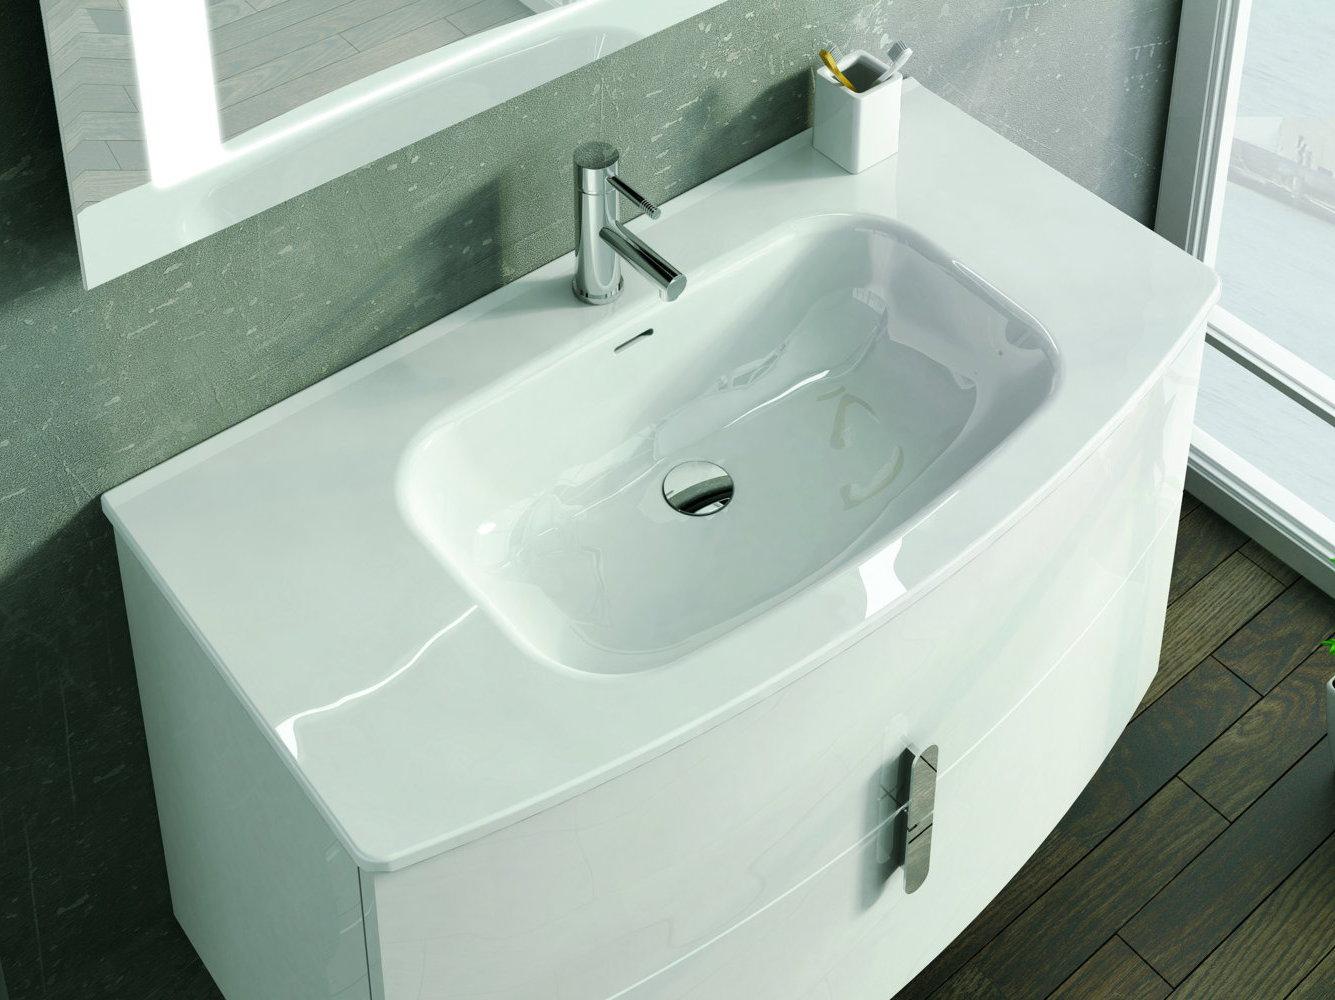 Mueble de ba o royo modelo round suspendido de 80cm for Mueble alto para bano